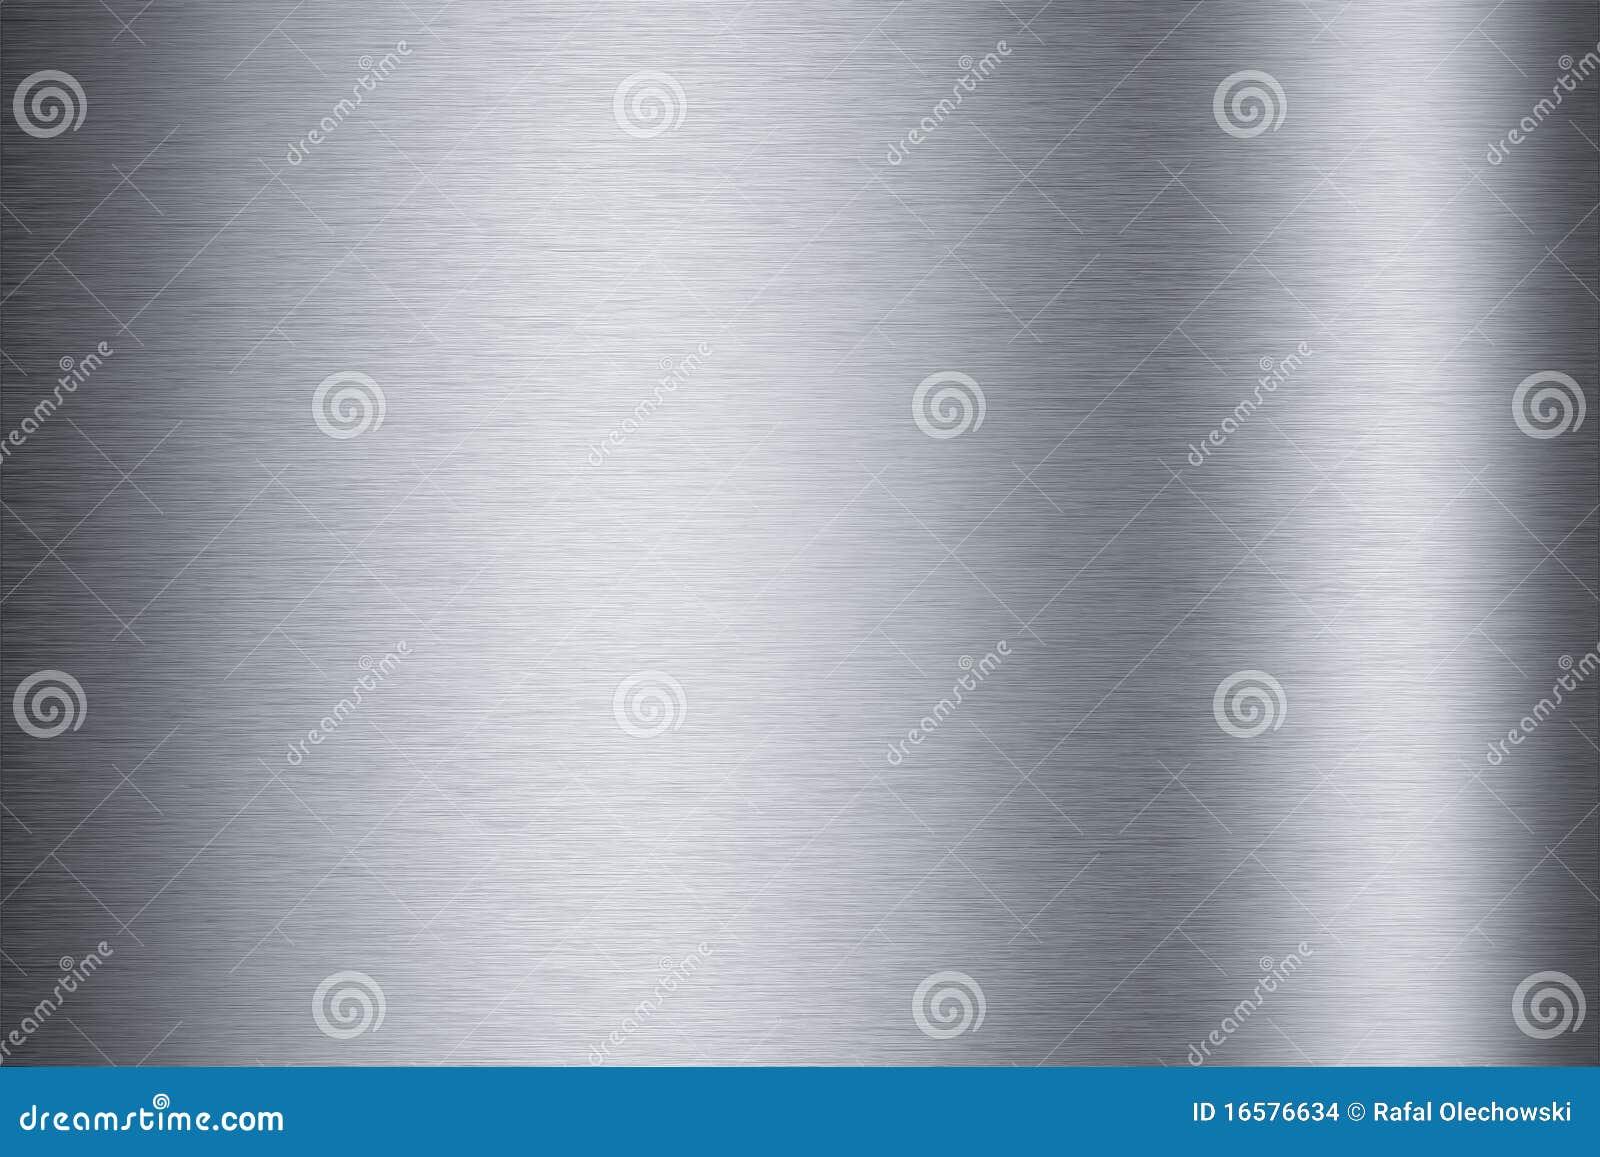 Brushed aluminum background texture